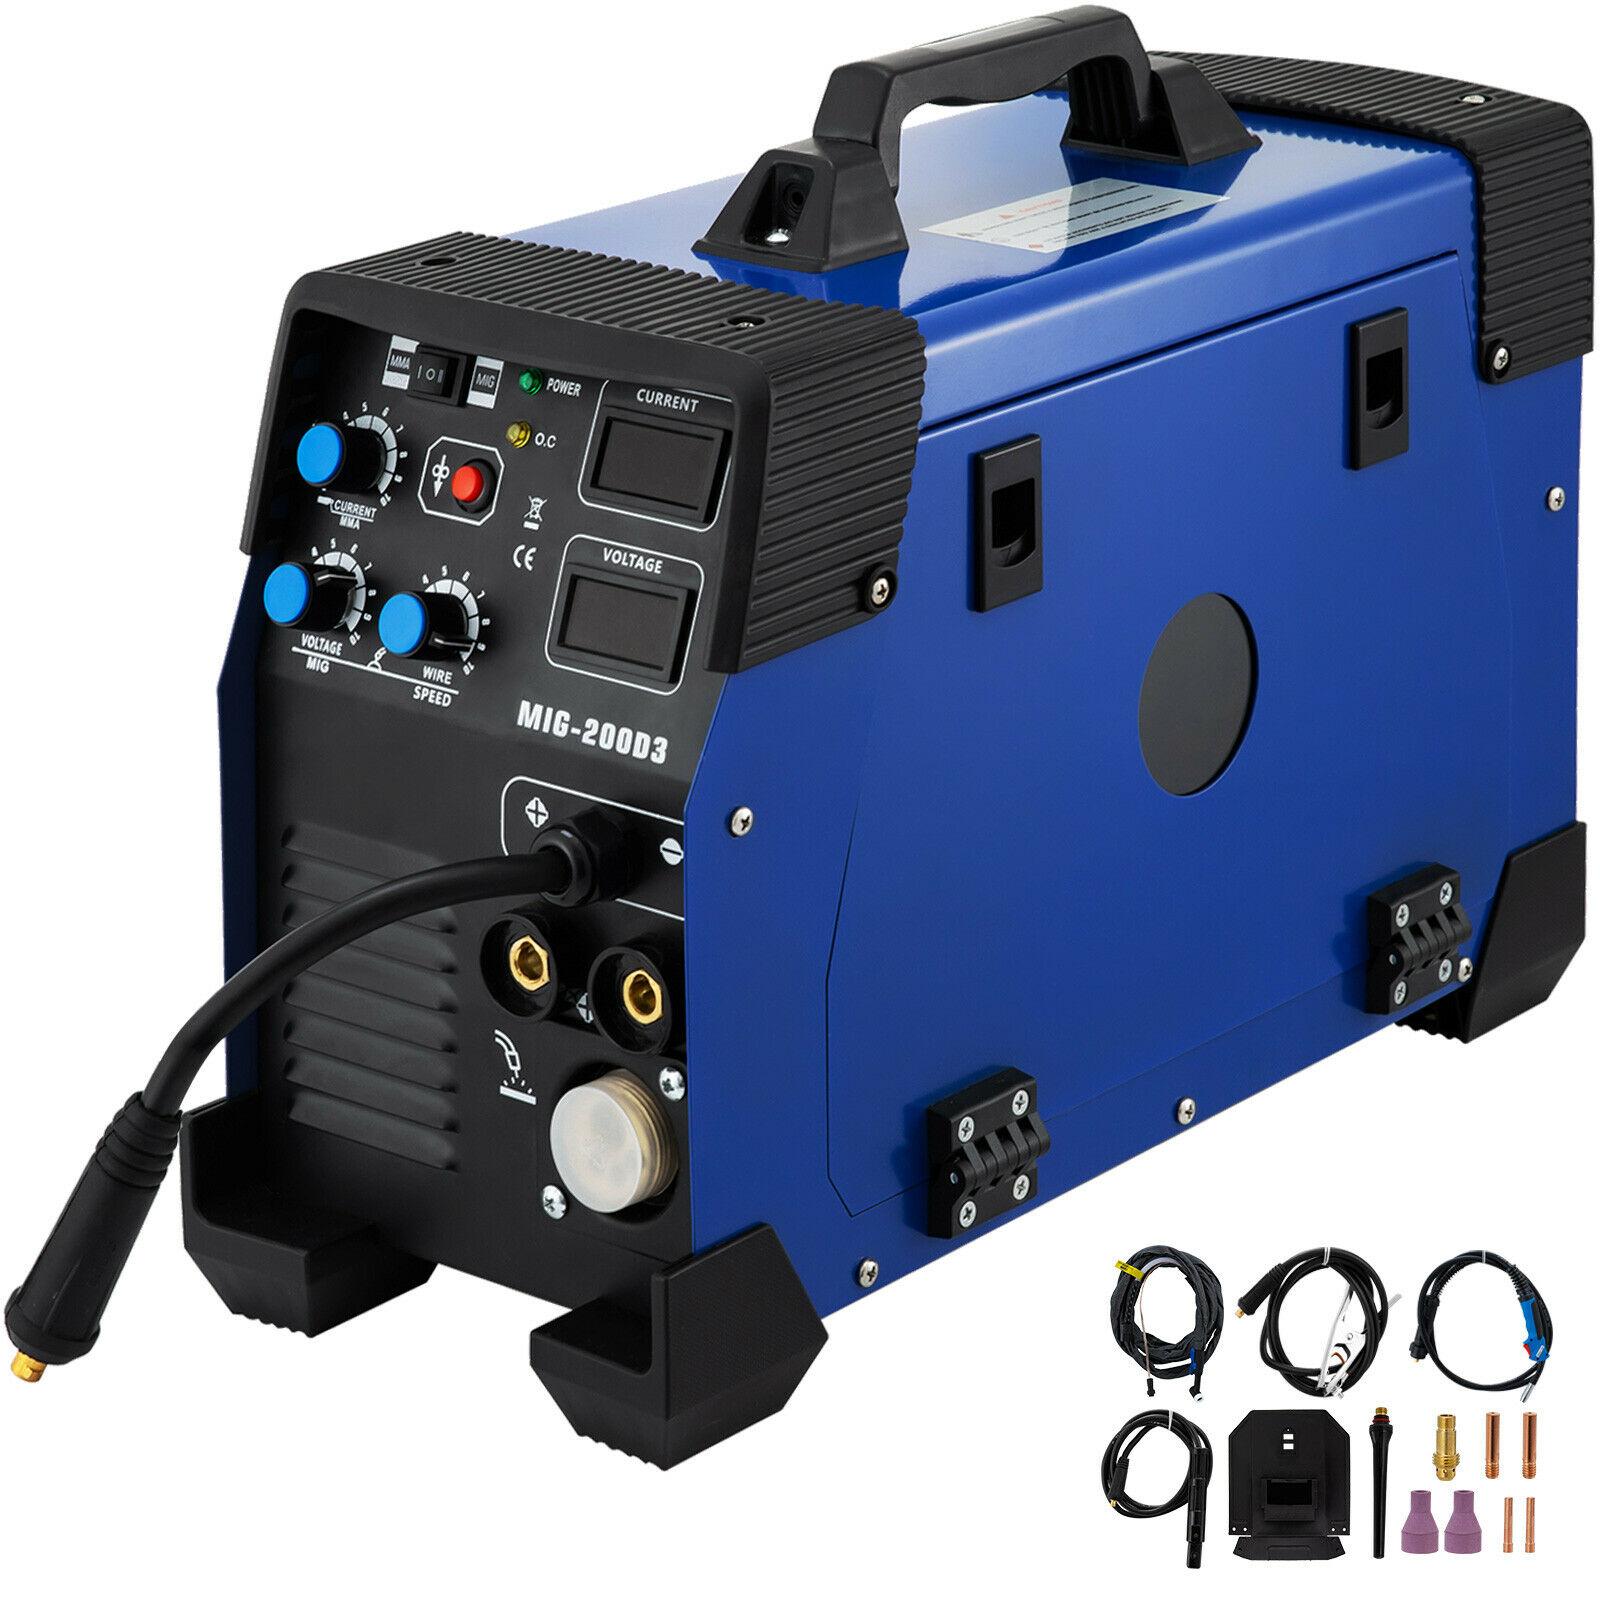 5 в 1 MIG / MAG / TIG / FLUX / MMA инверторный Сварочный аппарат 200Amp комбинированный сварочный аппарат точечный сварочный аппарат 200A